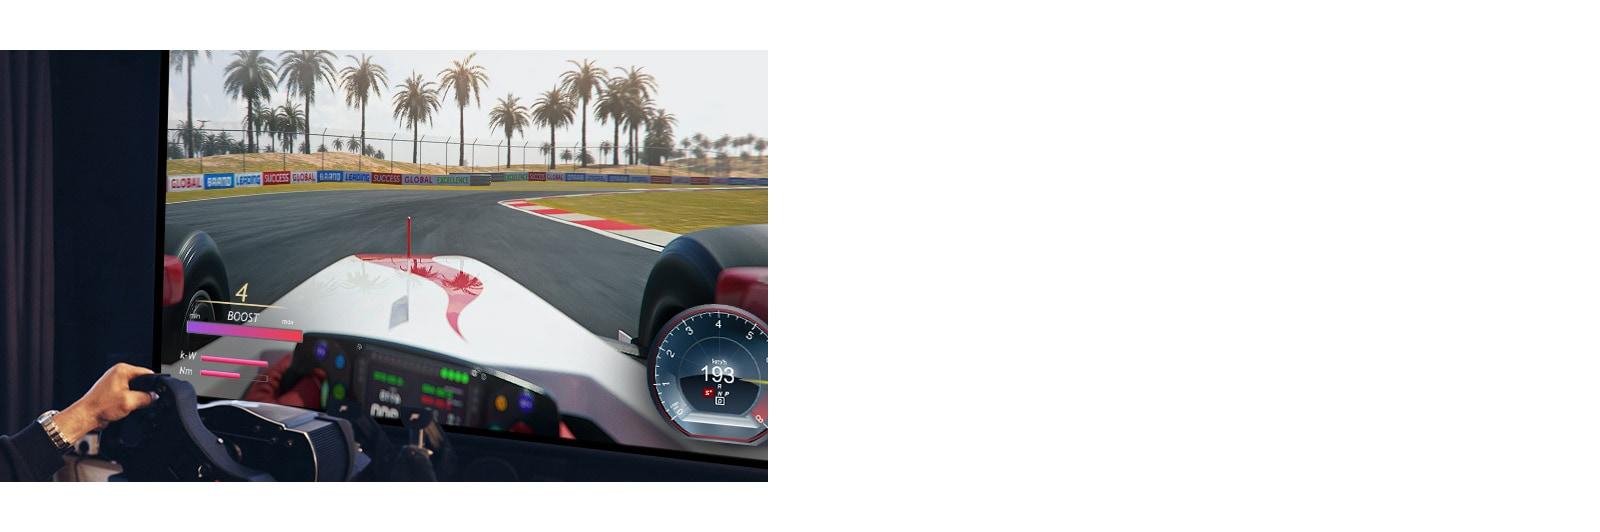 Žaidėjo, laikančio lenktyninio automobilio vairą ir žaidžiančio lenktynių žaidimą TV ekrane, vaizdas stambiu planu.